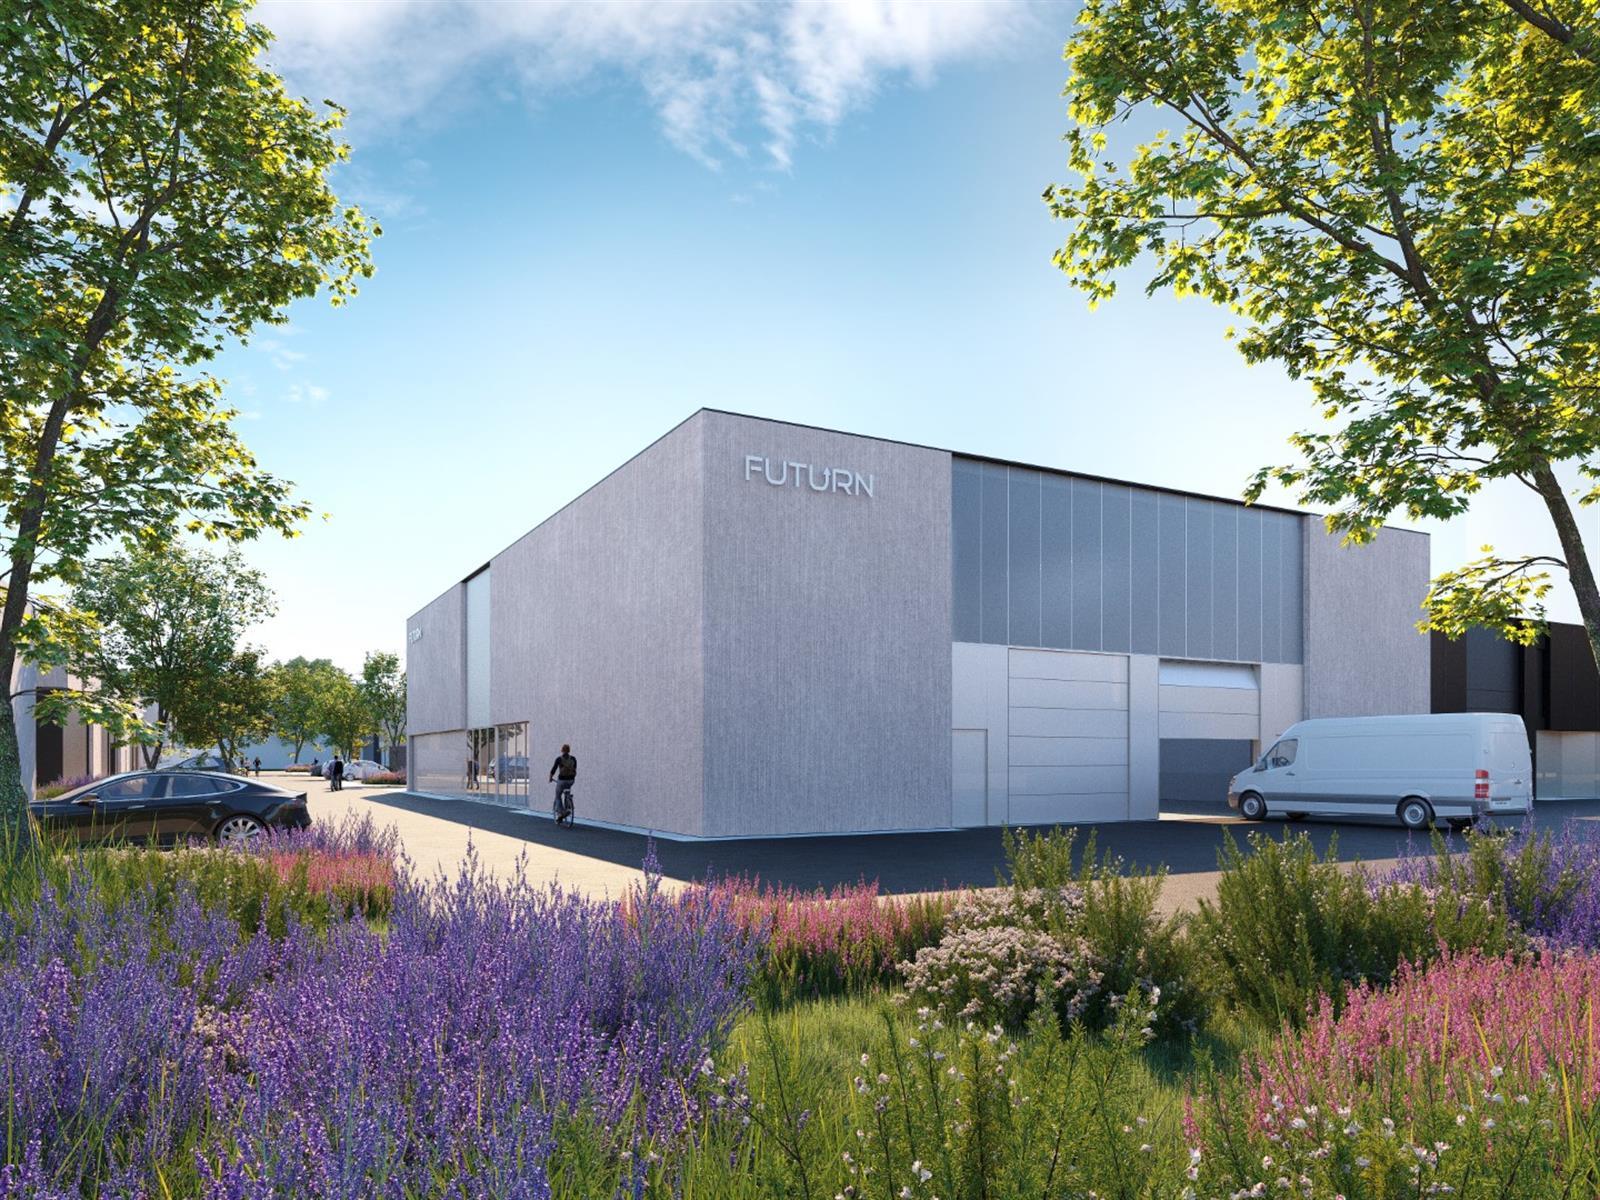 KMO-unit te koop Heros Businesspark KMO Unit 8 - Herkenrodesingel 10, 3500 Hasselt, België 8